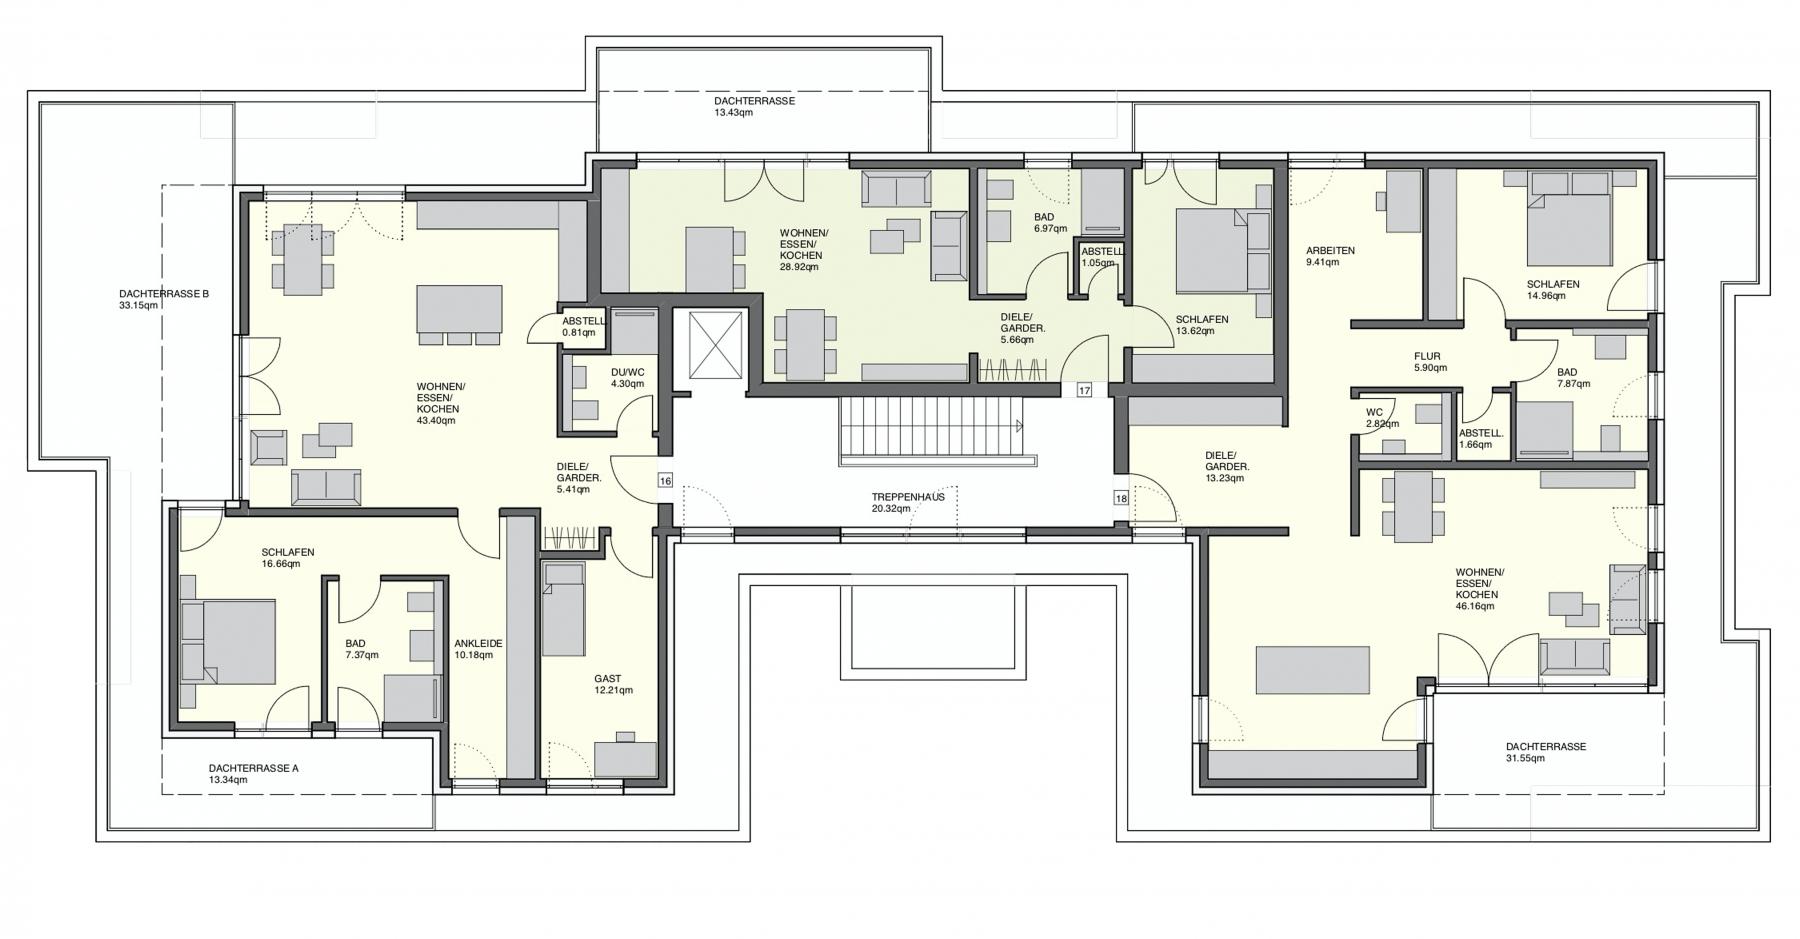 Dachgeschoss_Grundrisspsd